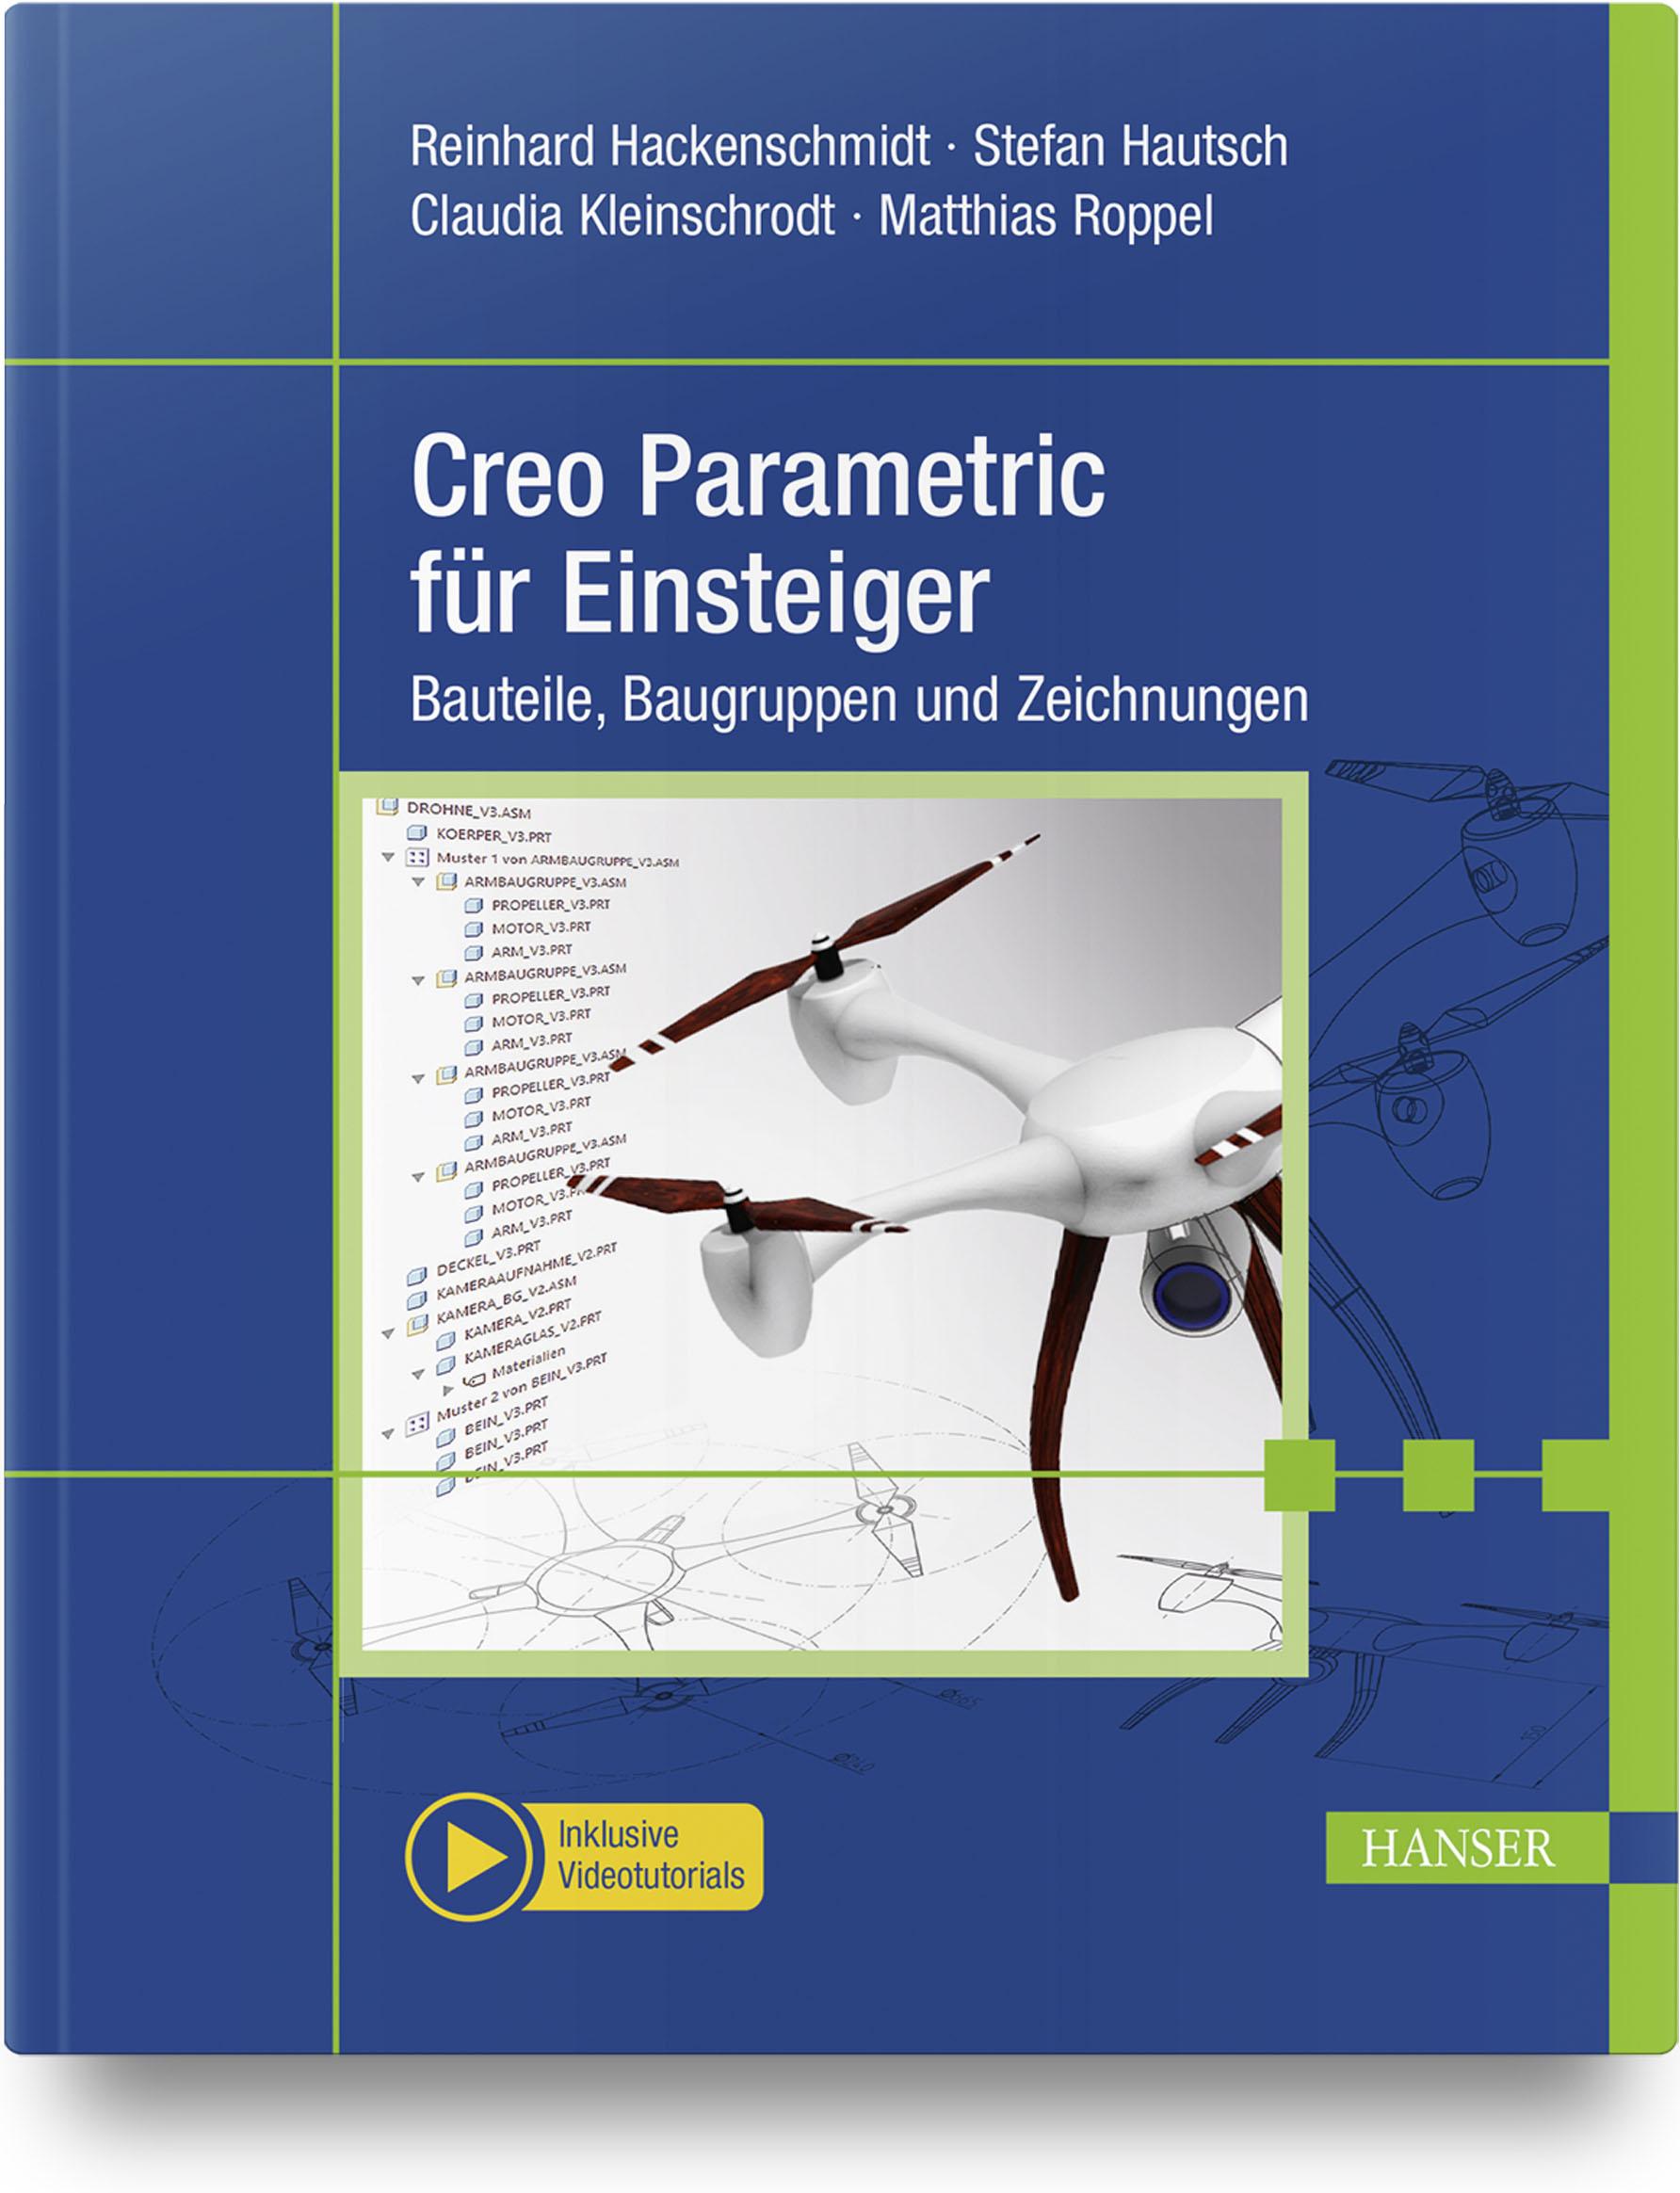 Hackenschmidt, Hautsch, Kleinschrodt, Roppel, Creo Parametric für Einsteiger, 978-3-446-46047-8